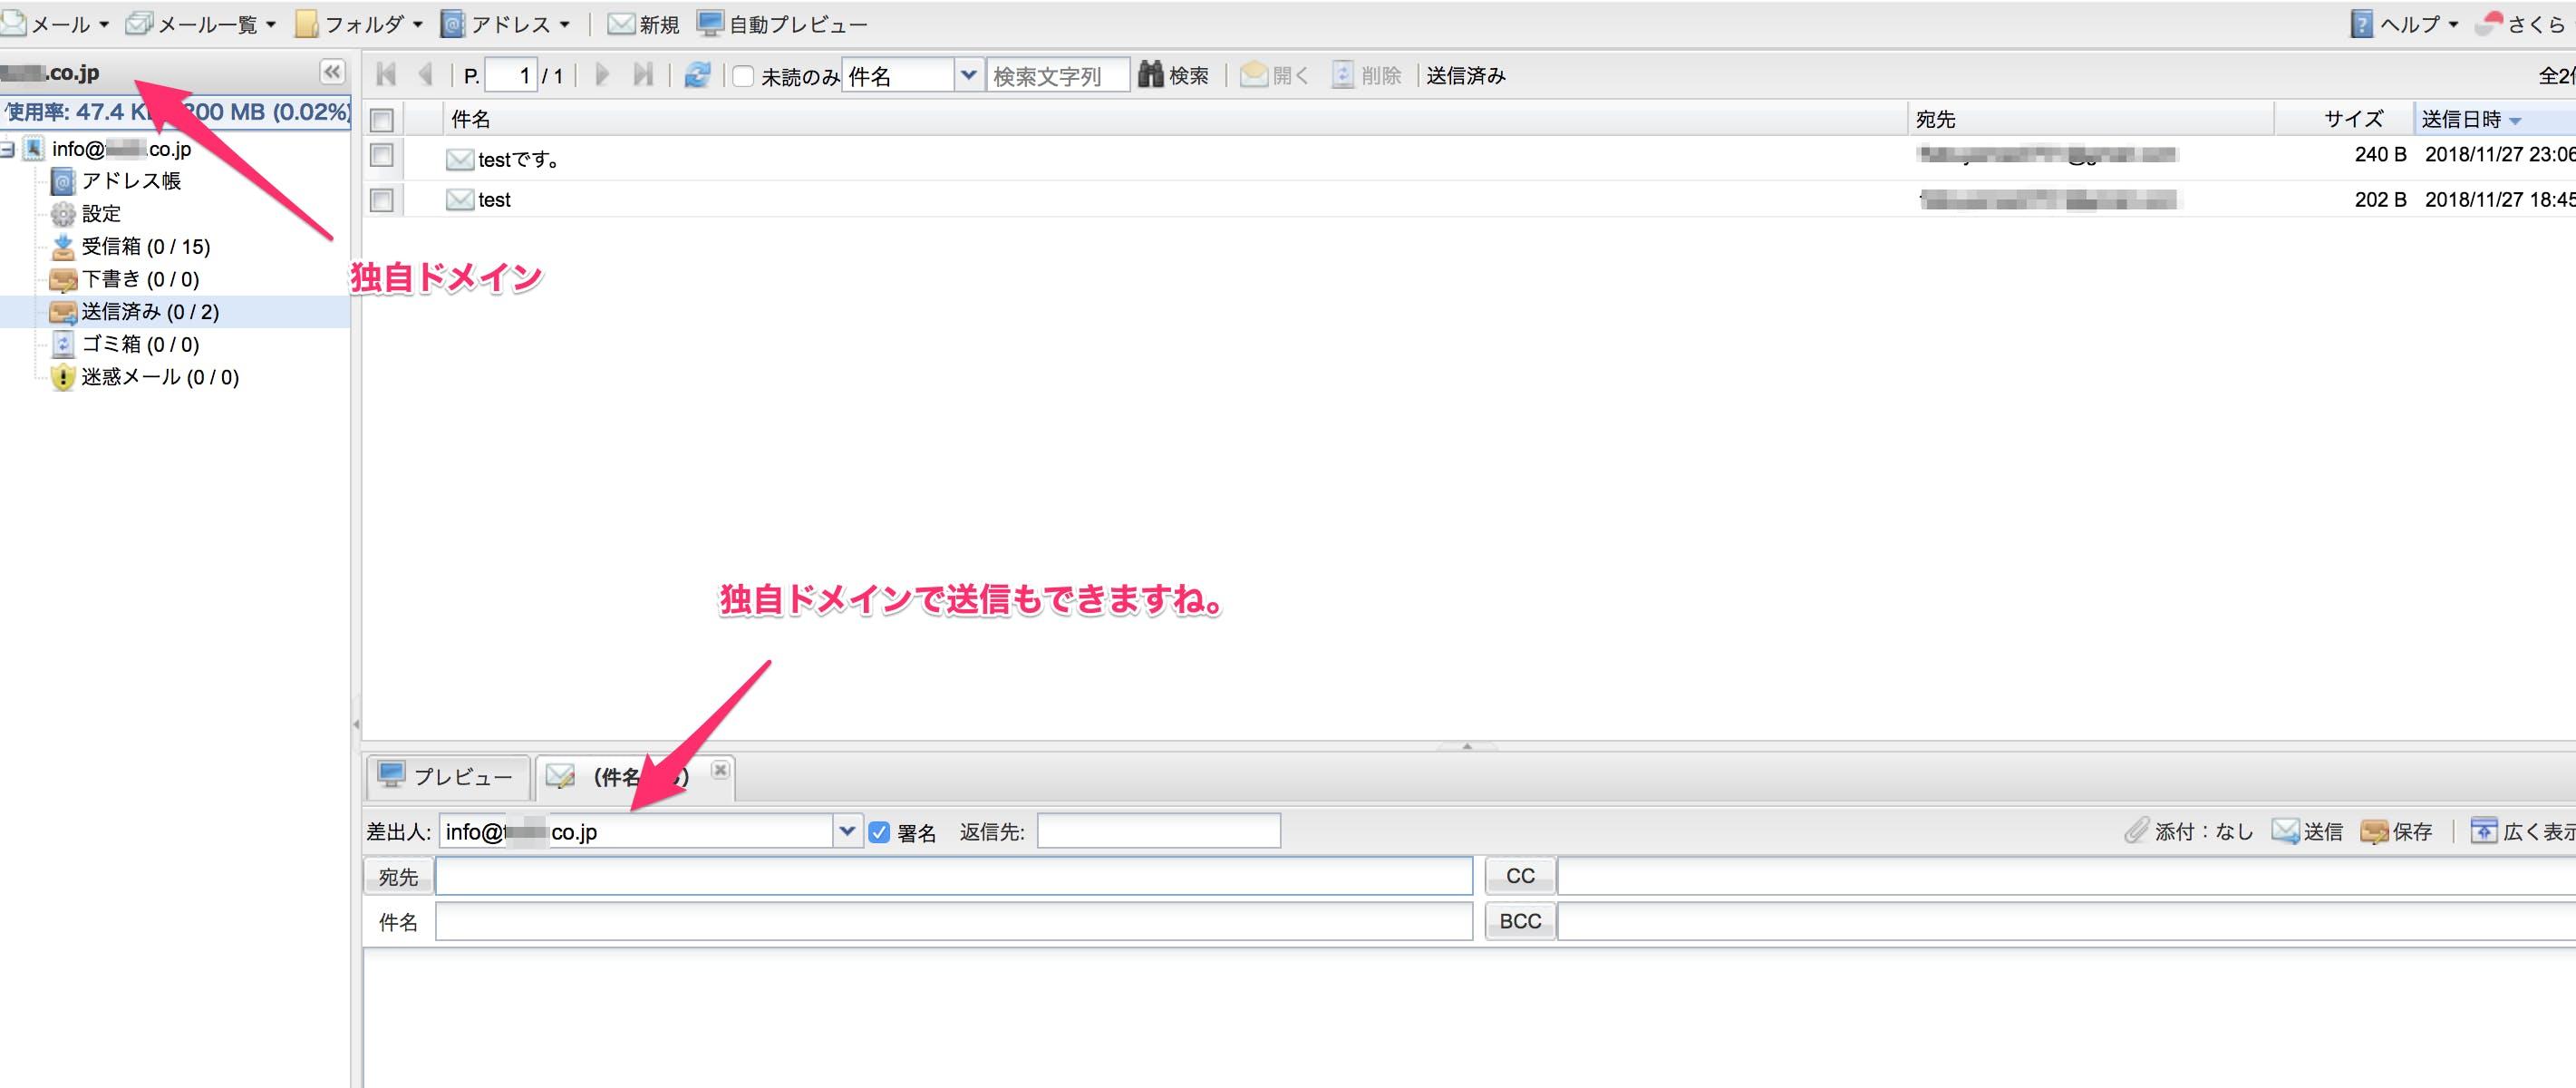 サーバコントロールパネル_-_Webメール.png